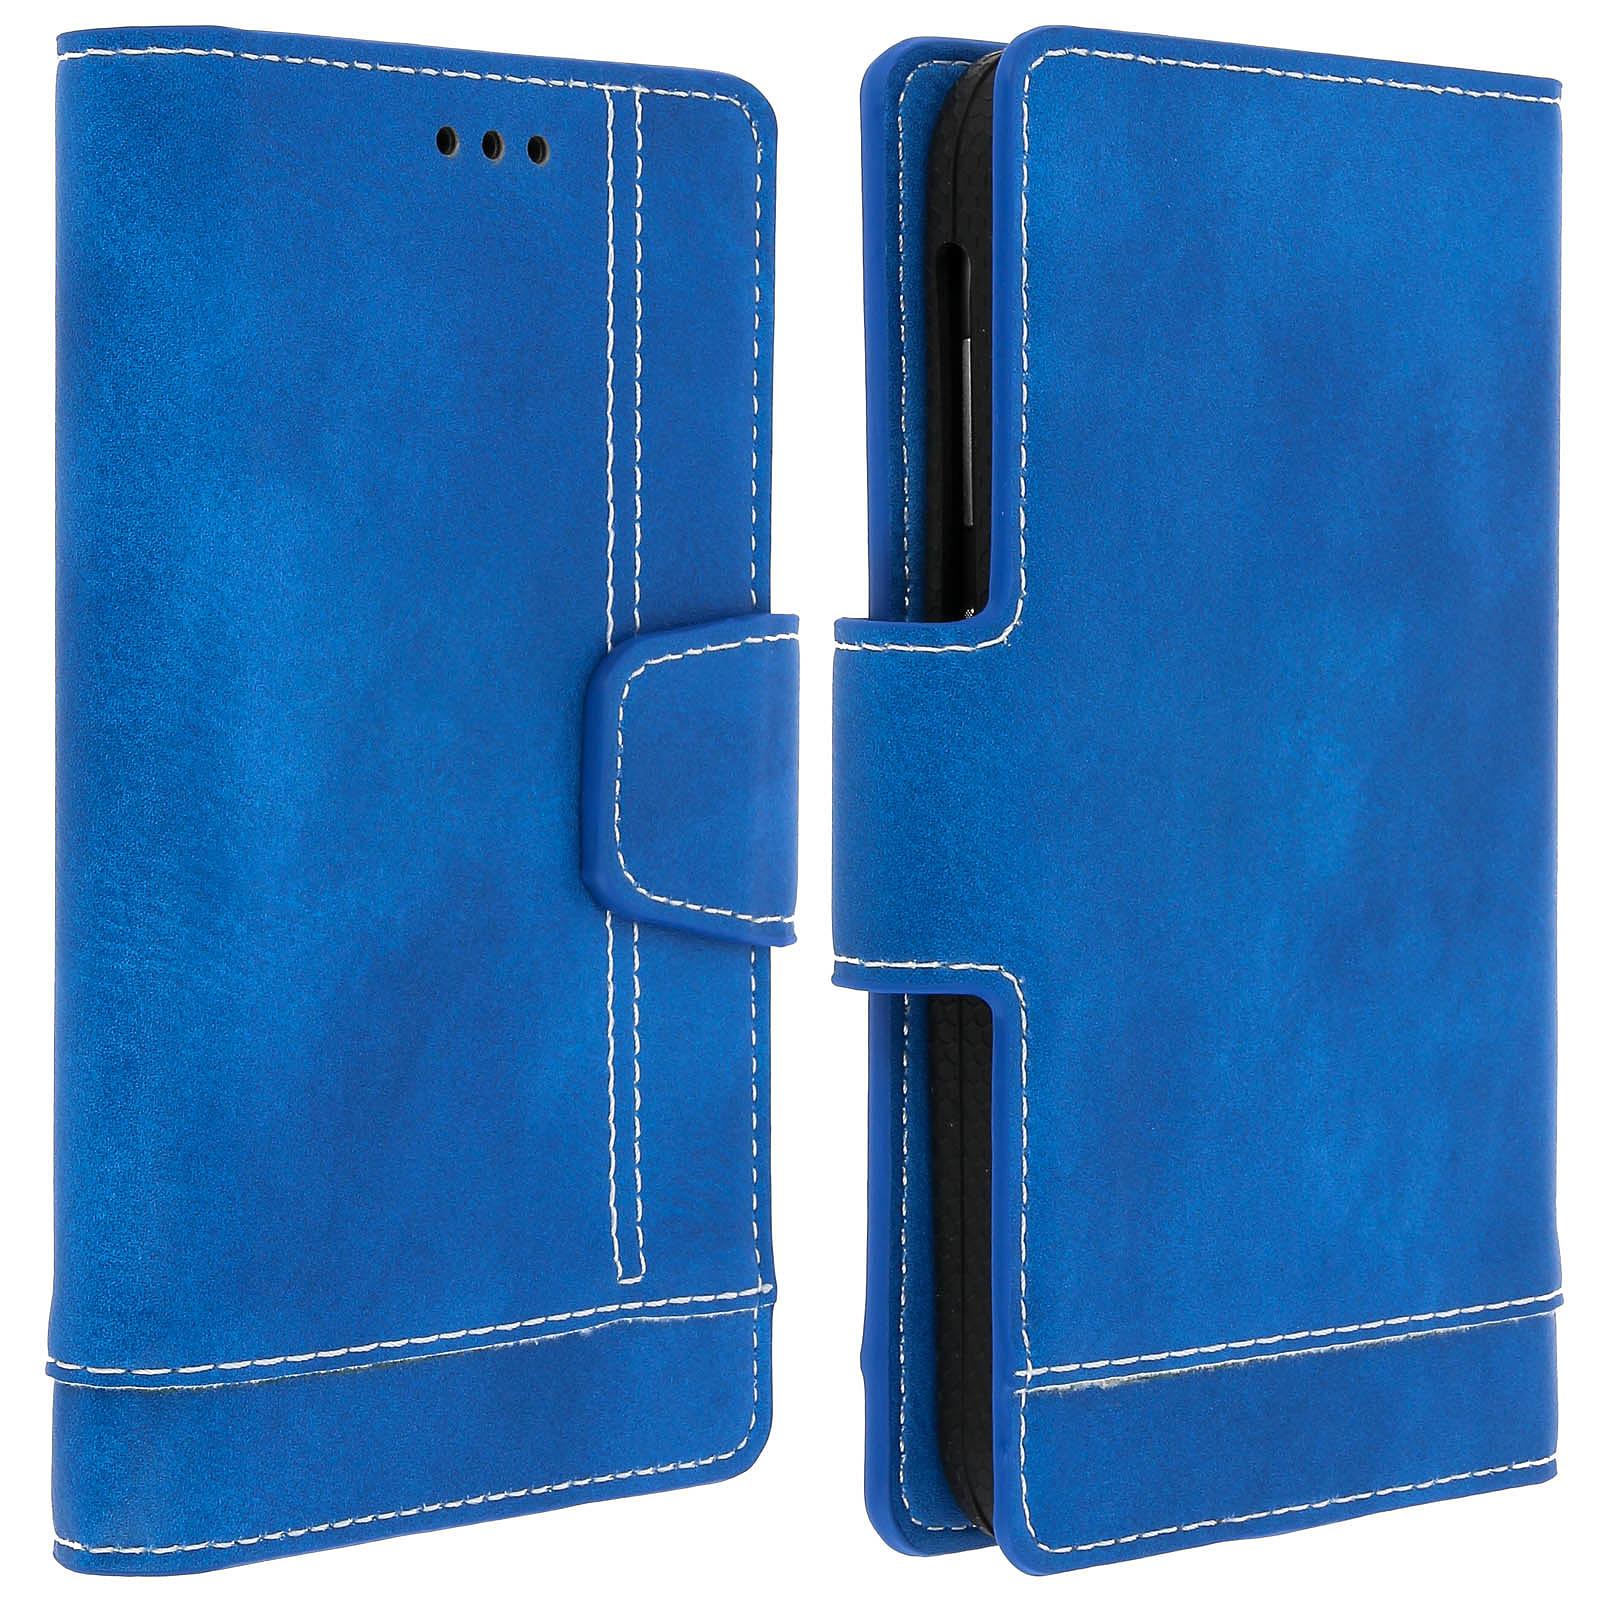 Avizar Etui folio Bleu pour Smartphones de 5.0' à 5.5'